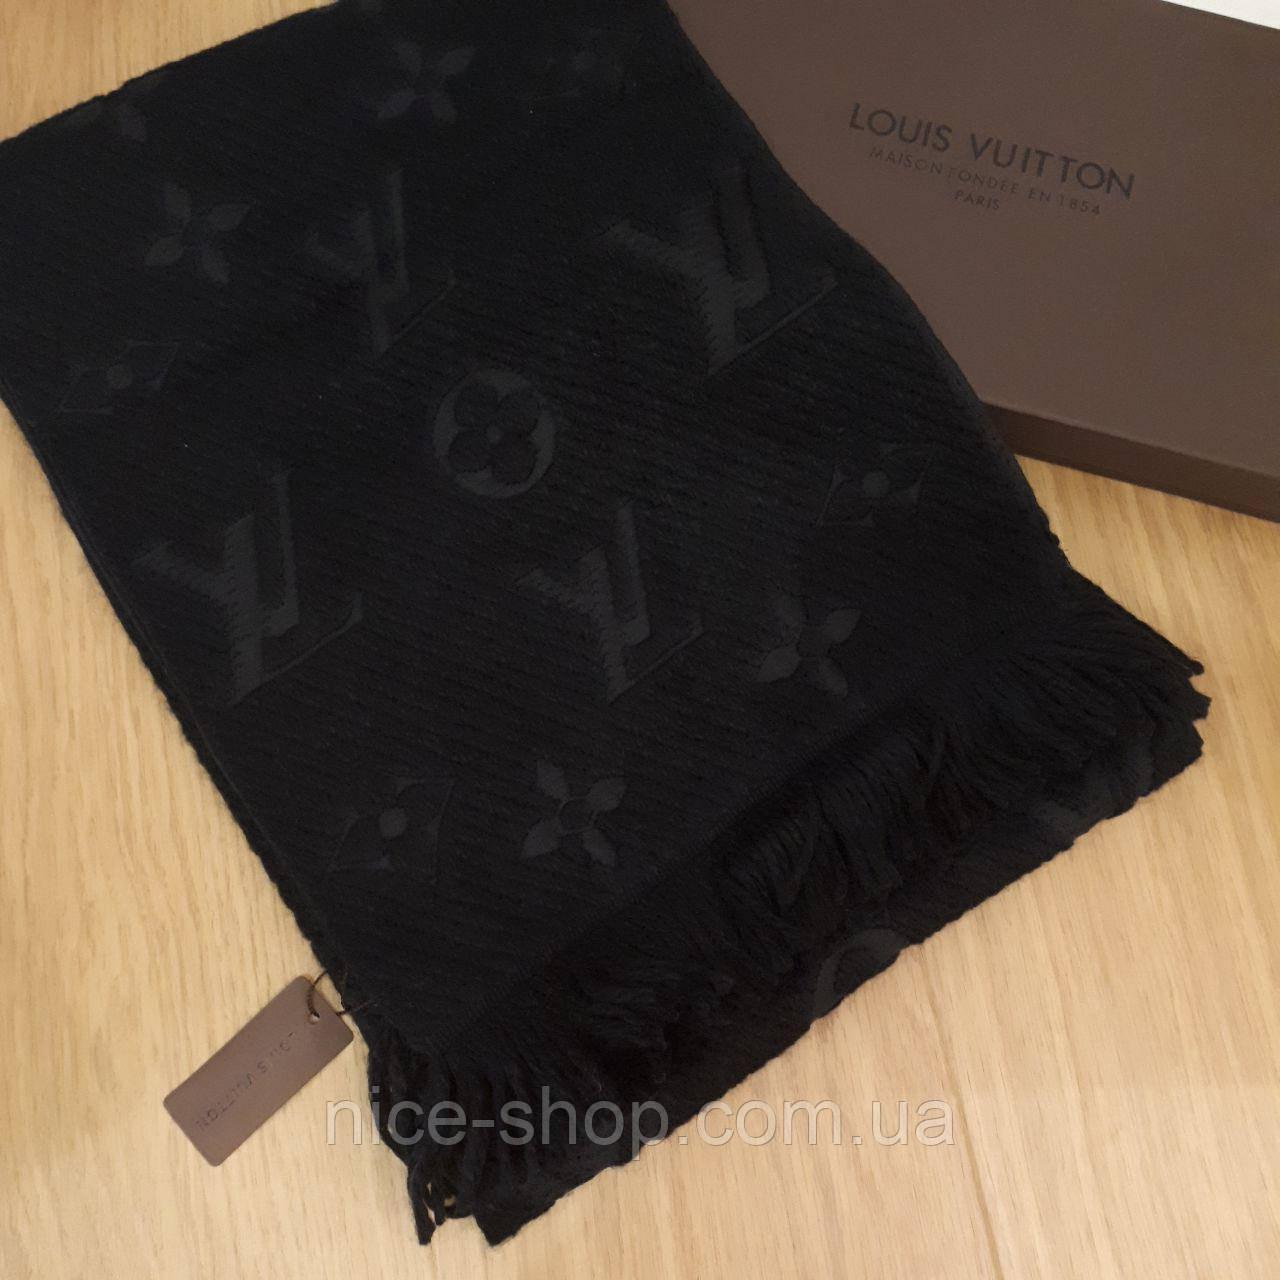 a1a7c3637e10 Шарф Louis Vuitton черный  продажа, цена в Одессе. шарфы от